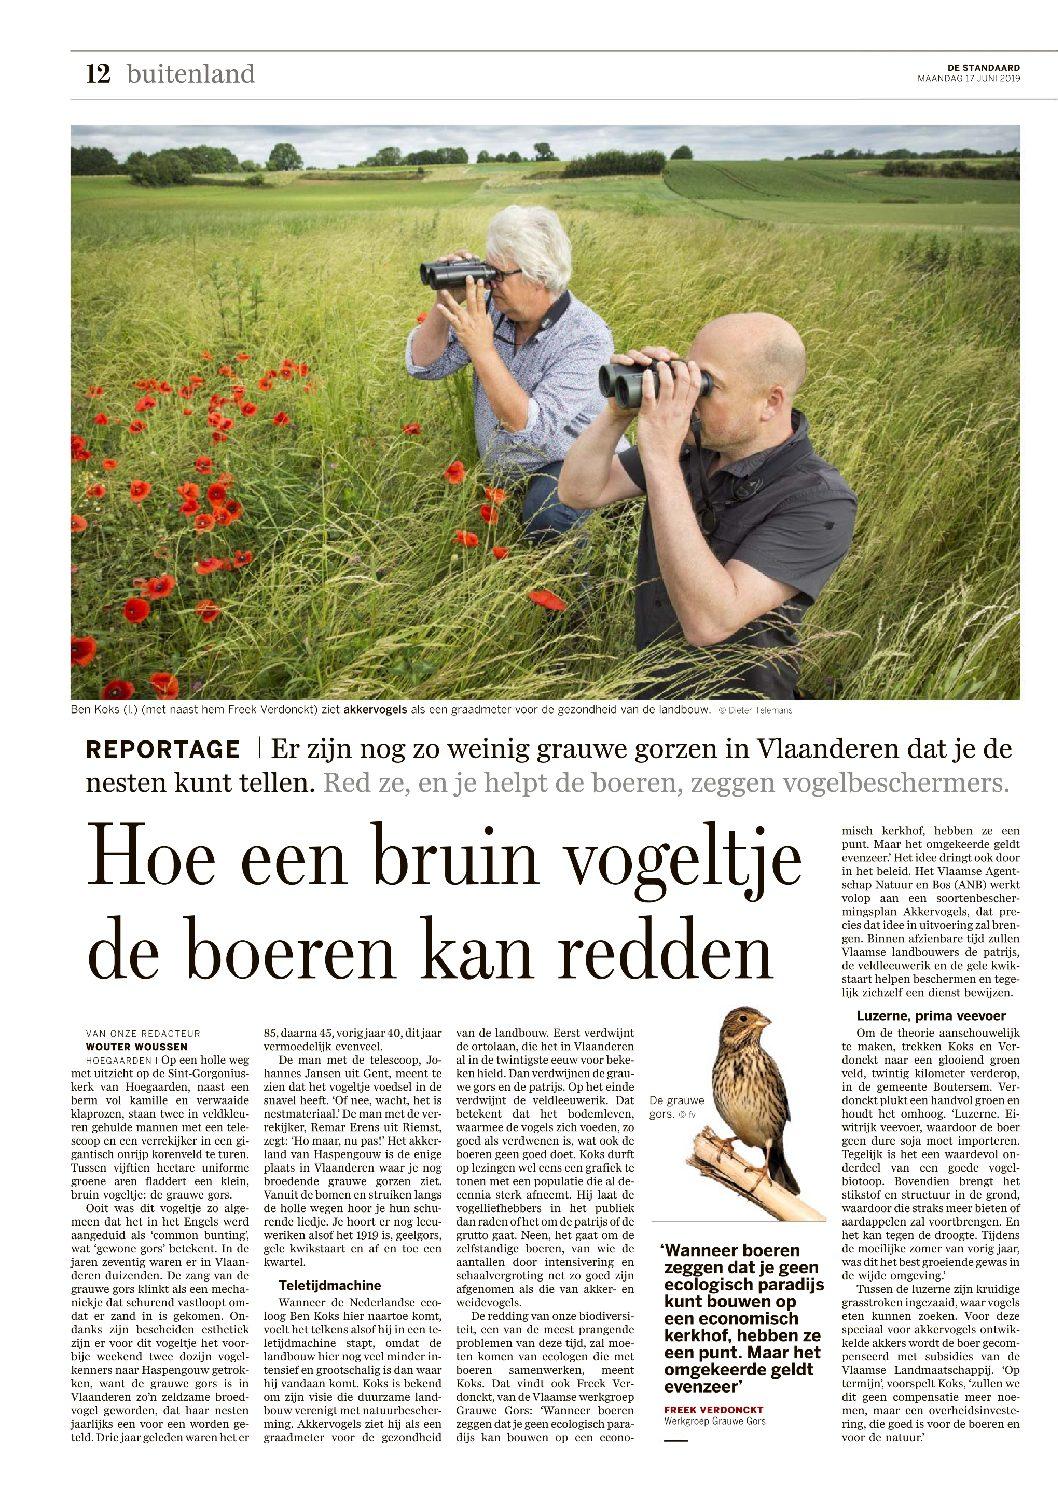 Hoe een bruin vogeltje de boeren kan redden – De Standaard 17 januari jl.